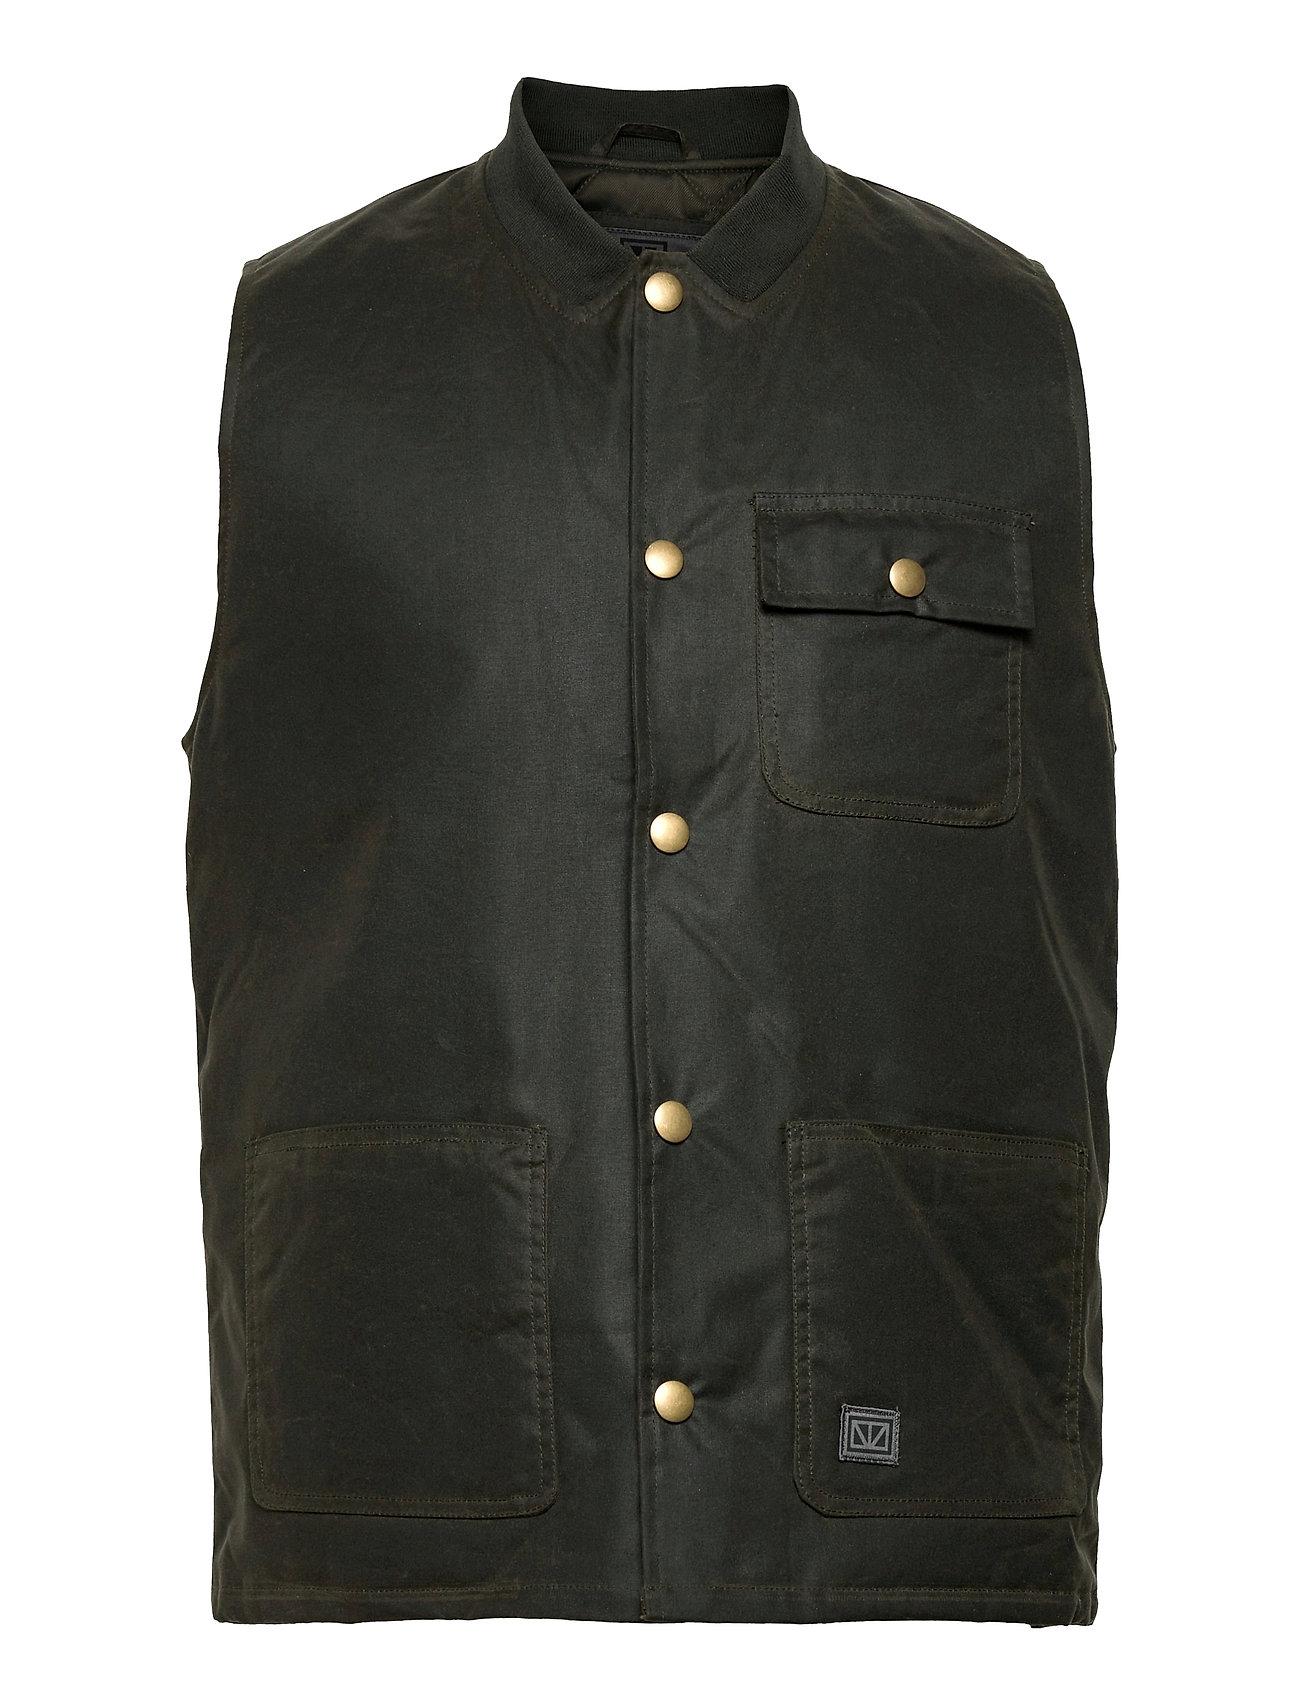 Rod Vest Sort Brixtol Textiles